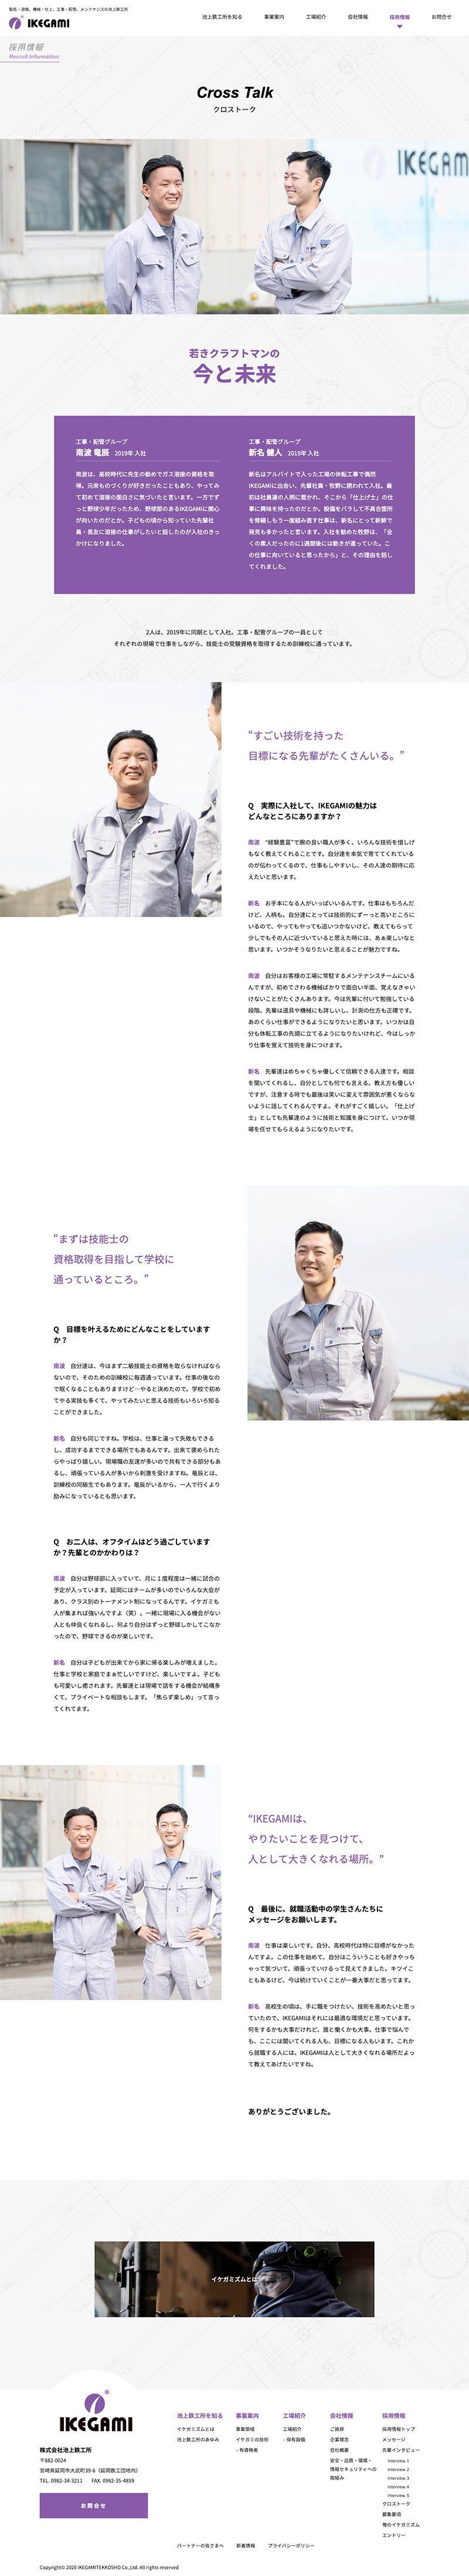 株式会社池上鉄工所様|採用サイト(採用情報)「クロストーク」